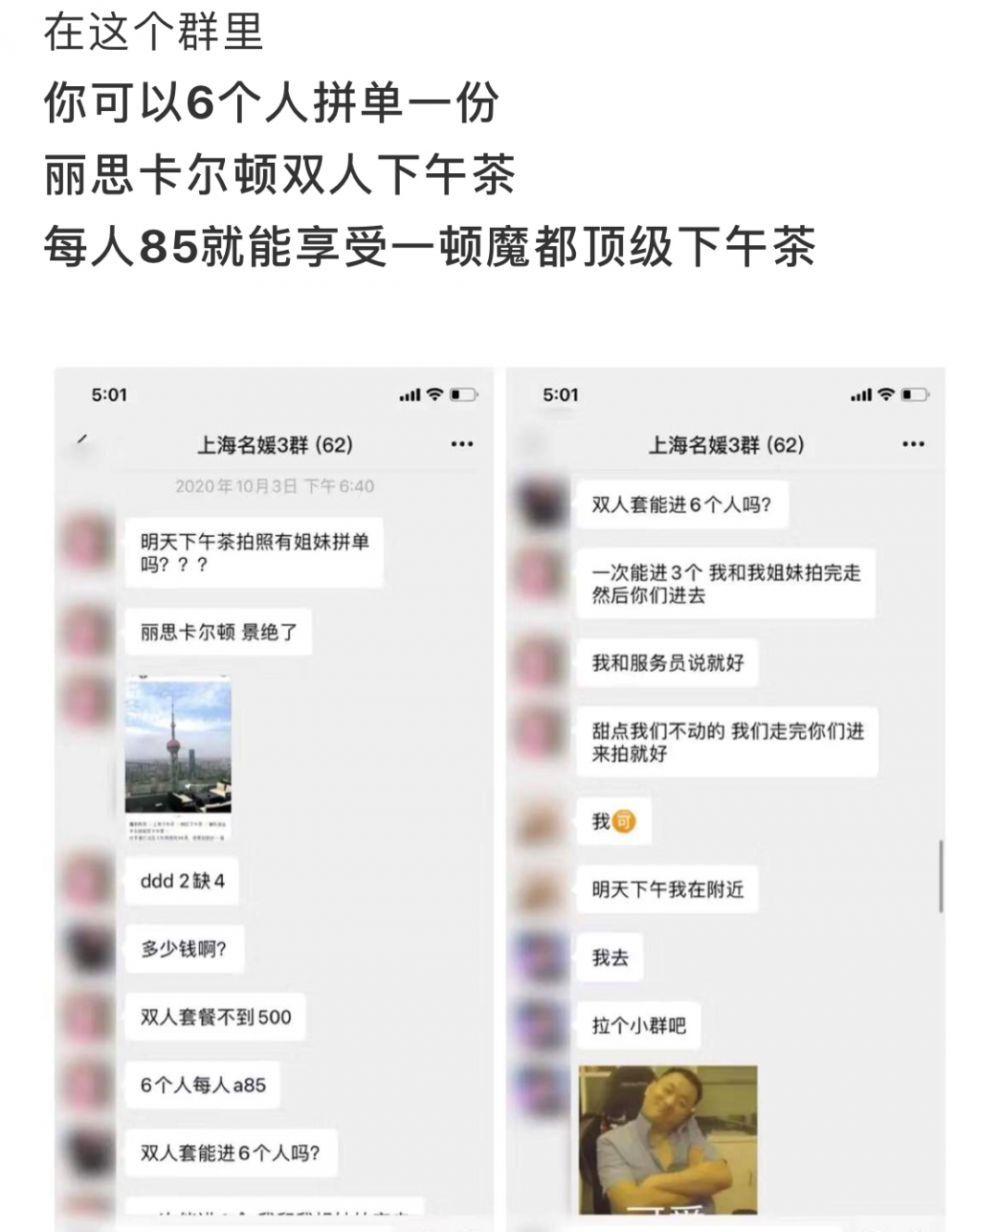 被上海名媛圈笑吐了,Gucci公关哭晕在厕所-第10张图片-周小辉博客